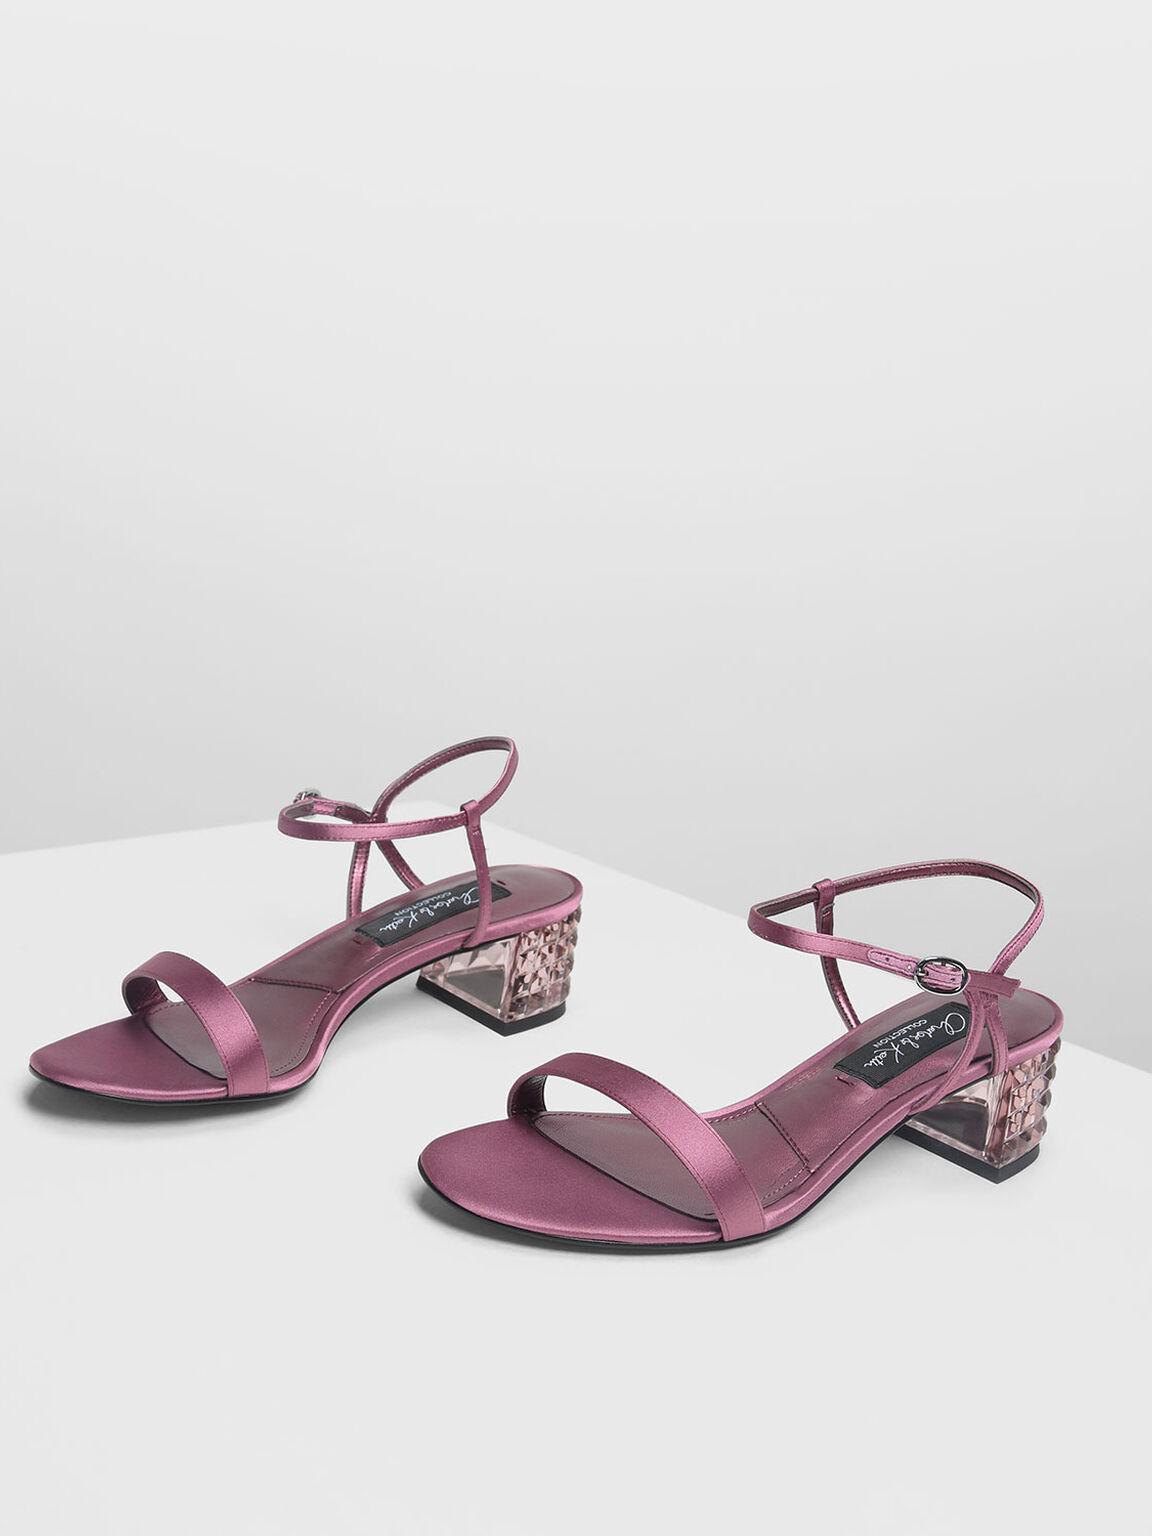 Faceted Lucite Heel Satin Sandals, Pink, hi-res